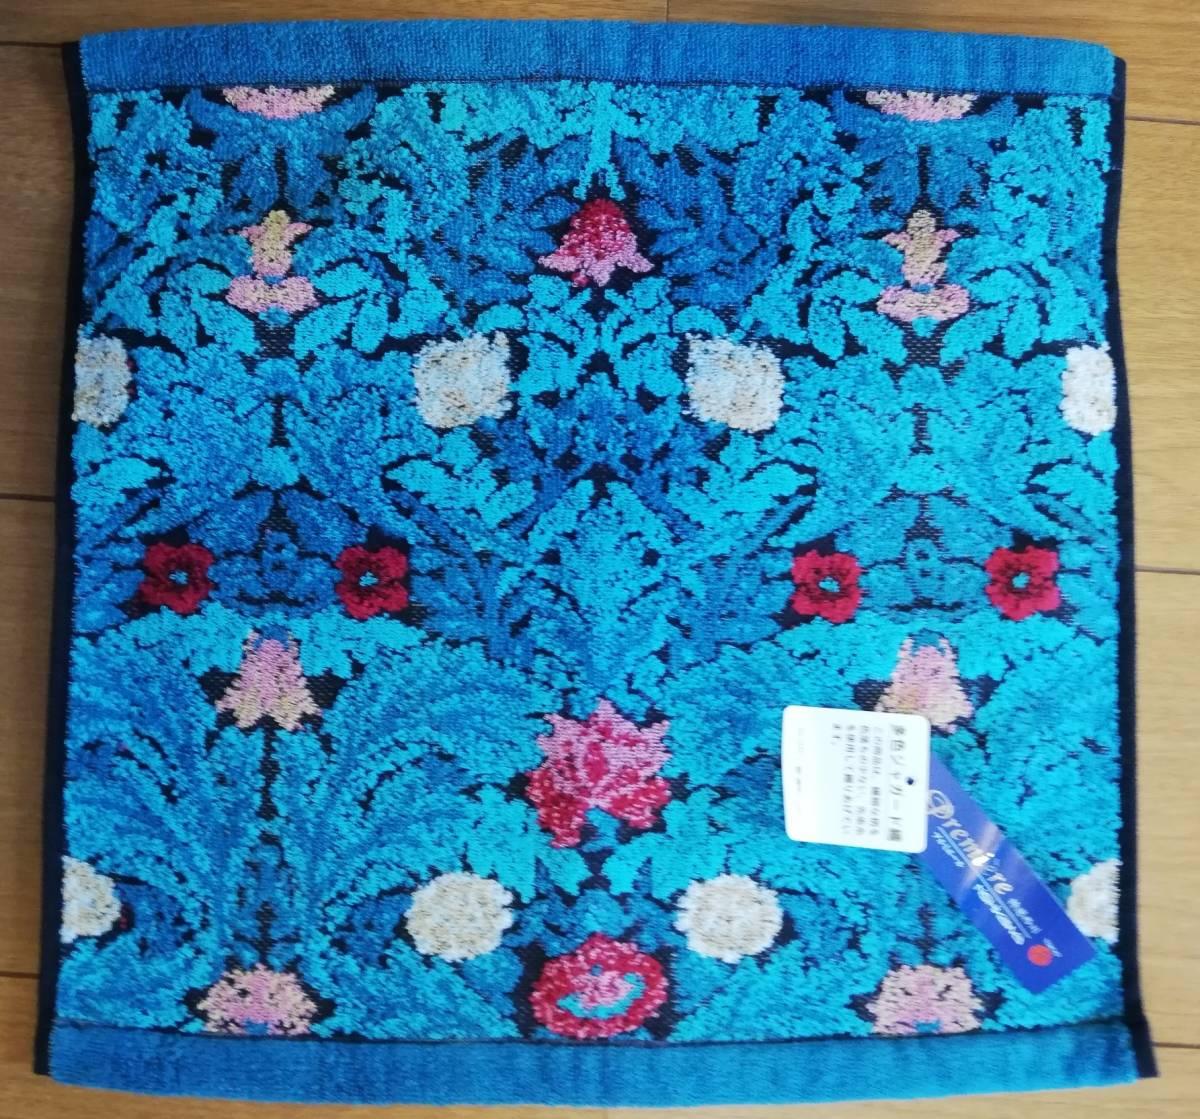 ジャガード織 ウォッシュタオル 色違い2種類のセット 西川産業 日本製 綿100% プリミエール 未使用_画像5